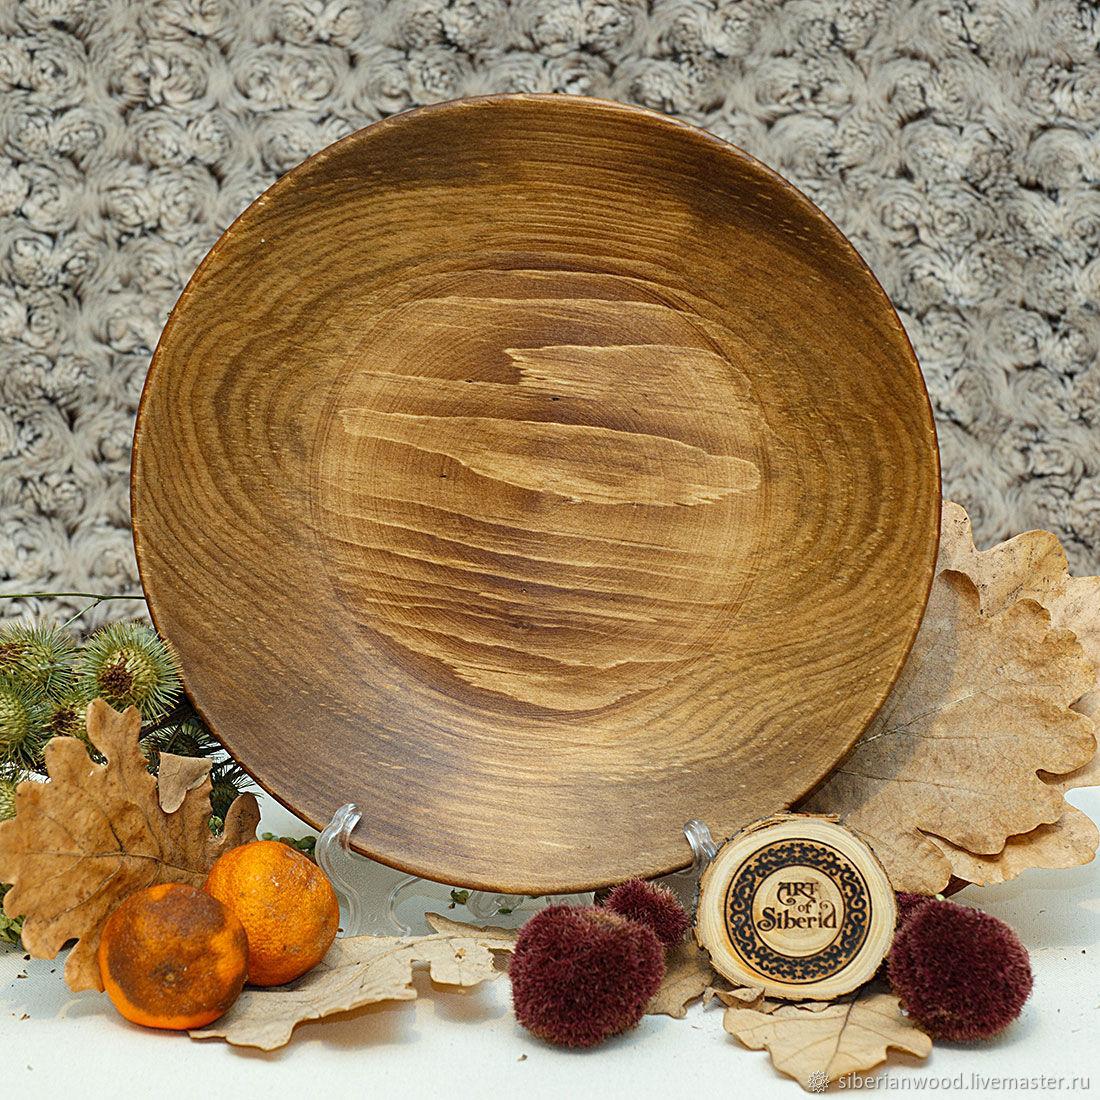 Тарелка плоская из Пихты Сибирской 25 см из дерева #T58, Тарелки, Новокузнецк,  Фото №1